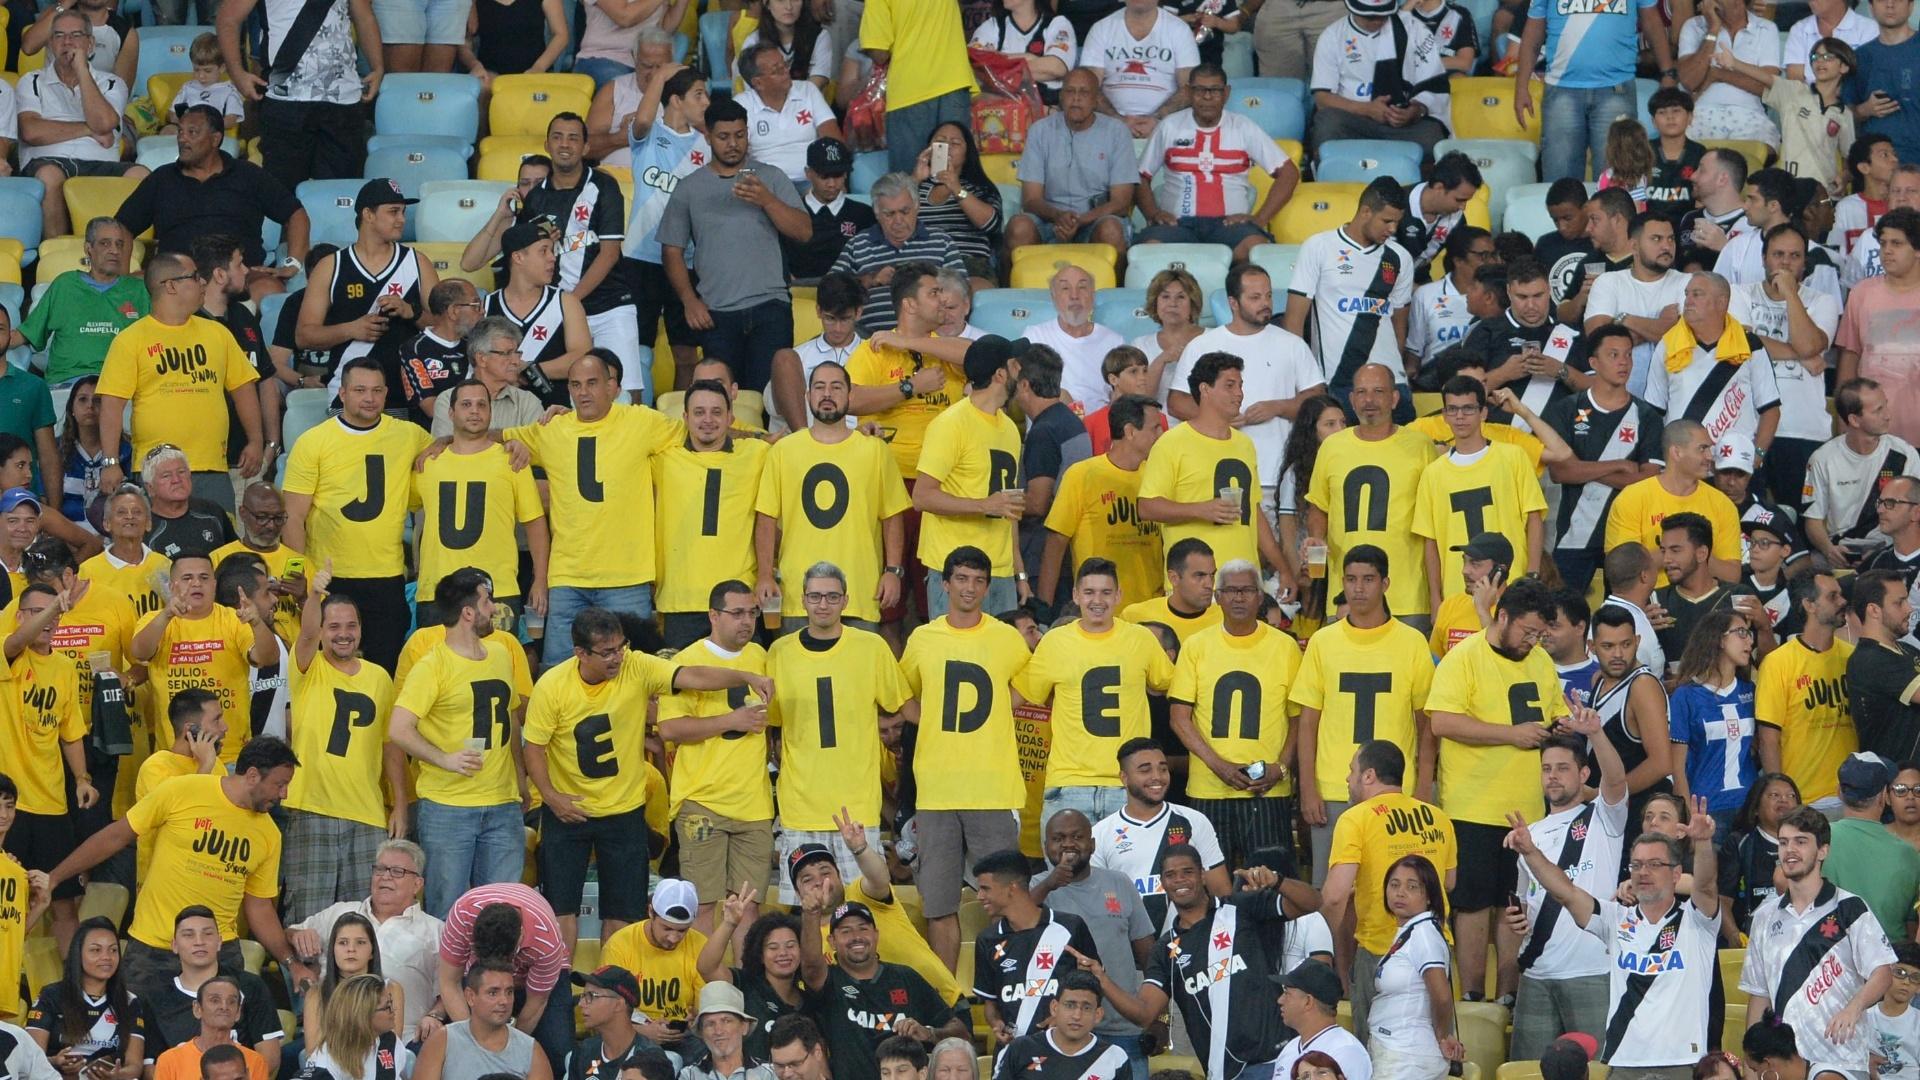 Torcida do Vasco faz campanha em apoio a Julio Brant como presidente do Vasco